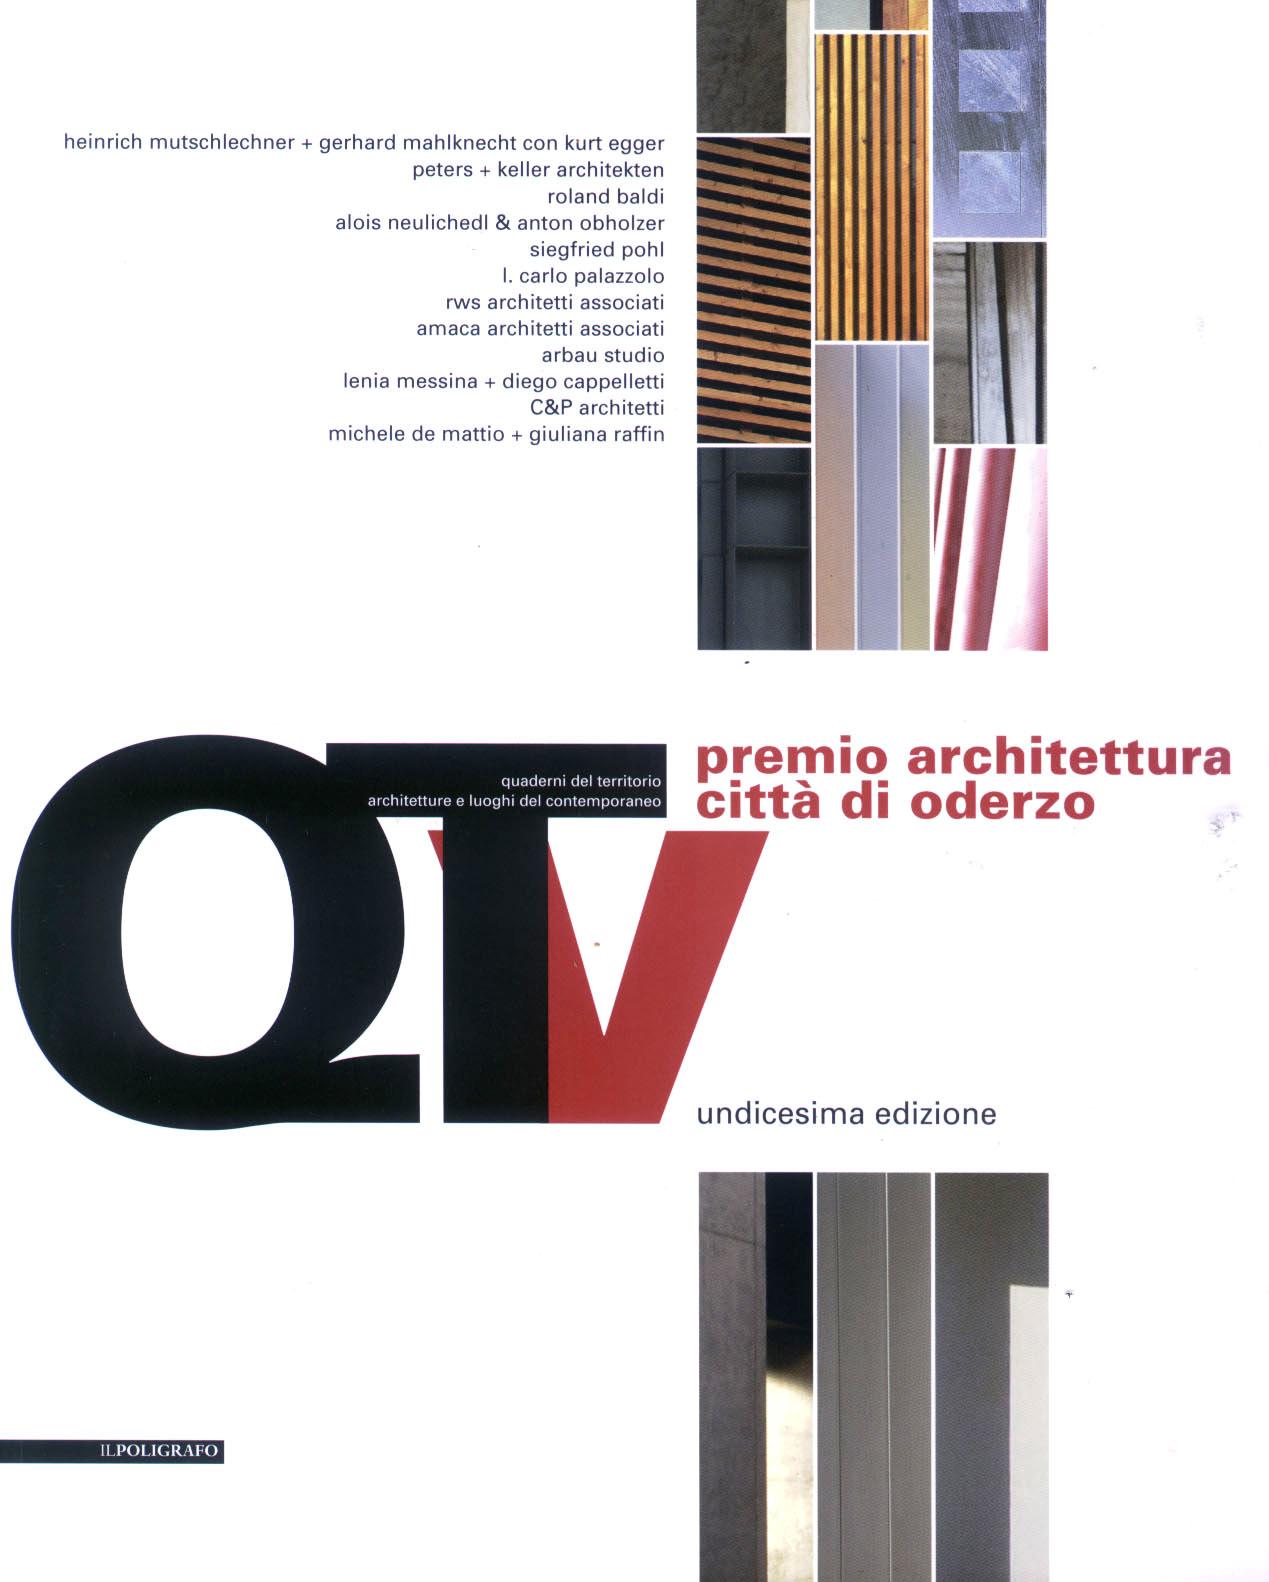 Quaderni del Territorio - architetture e luoghi del contemporaneo, Premio architettura città di Oderzo XI ed., Il Poligrafo, 2009, pp. 120-127